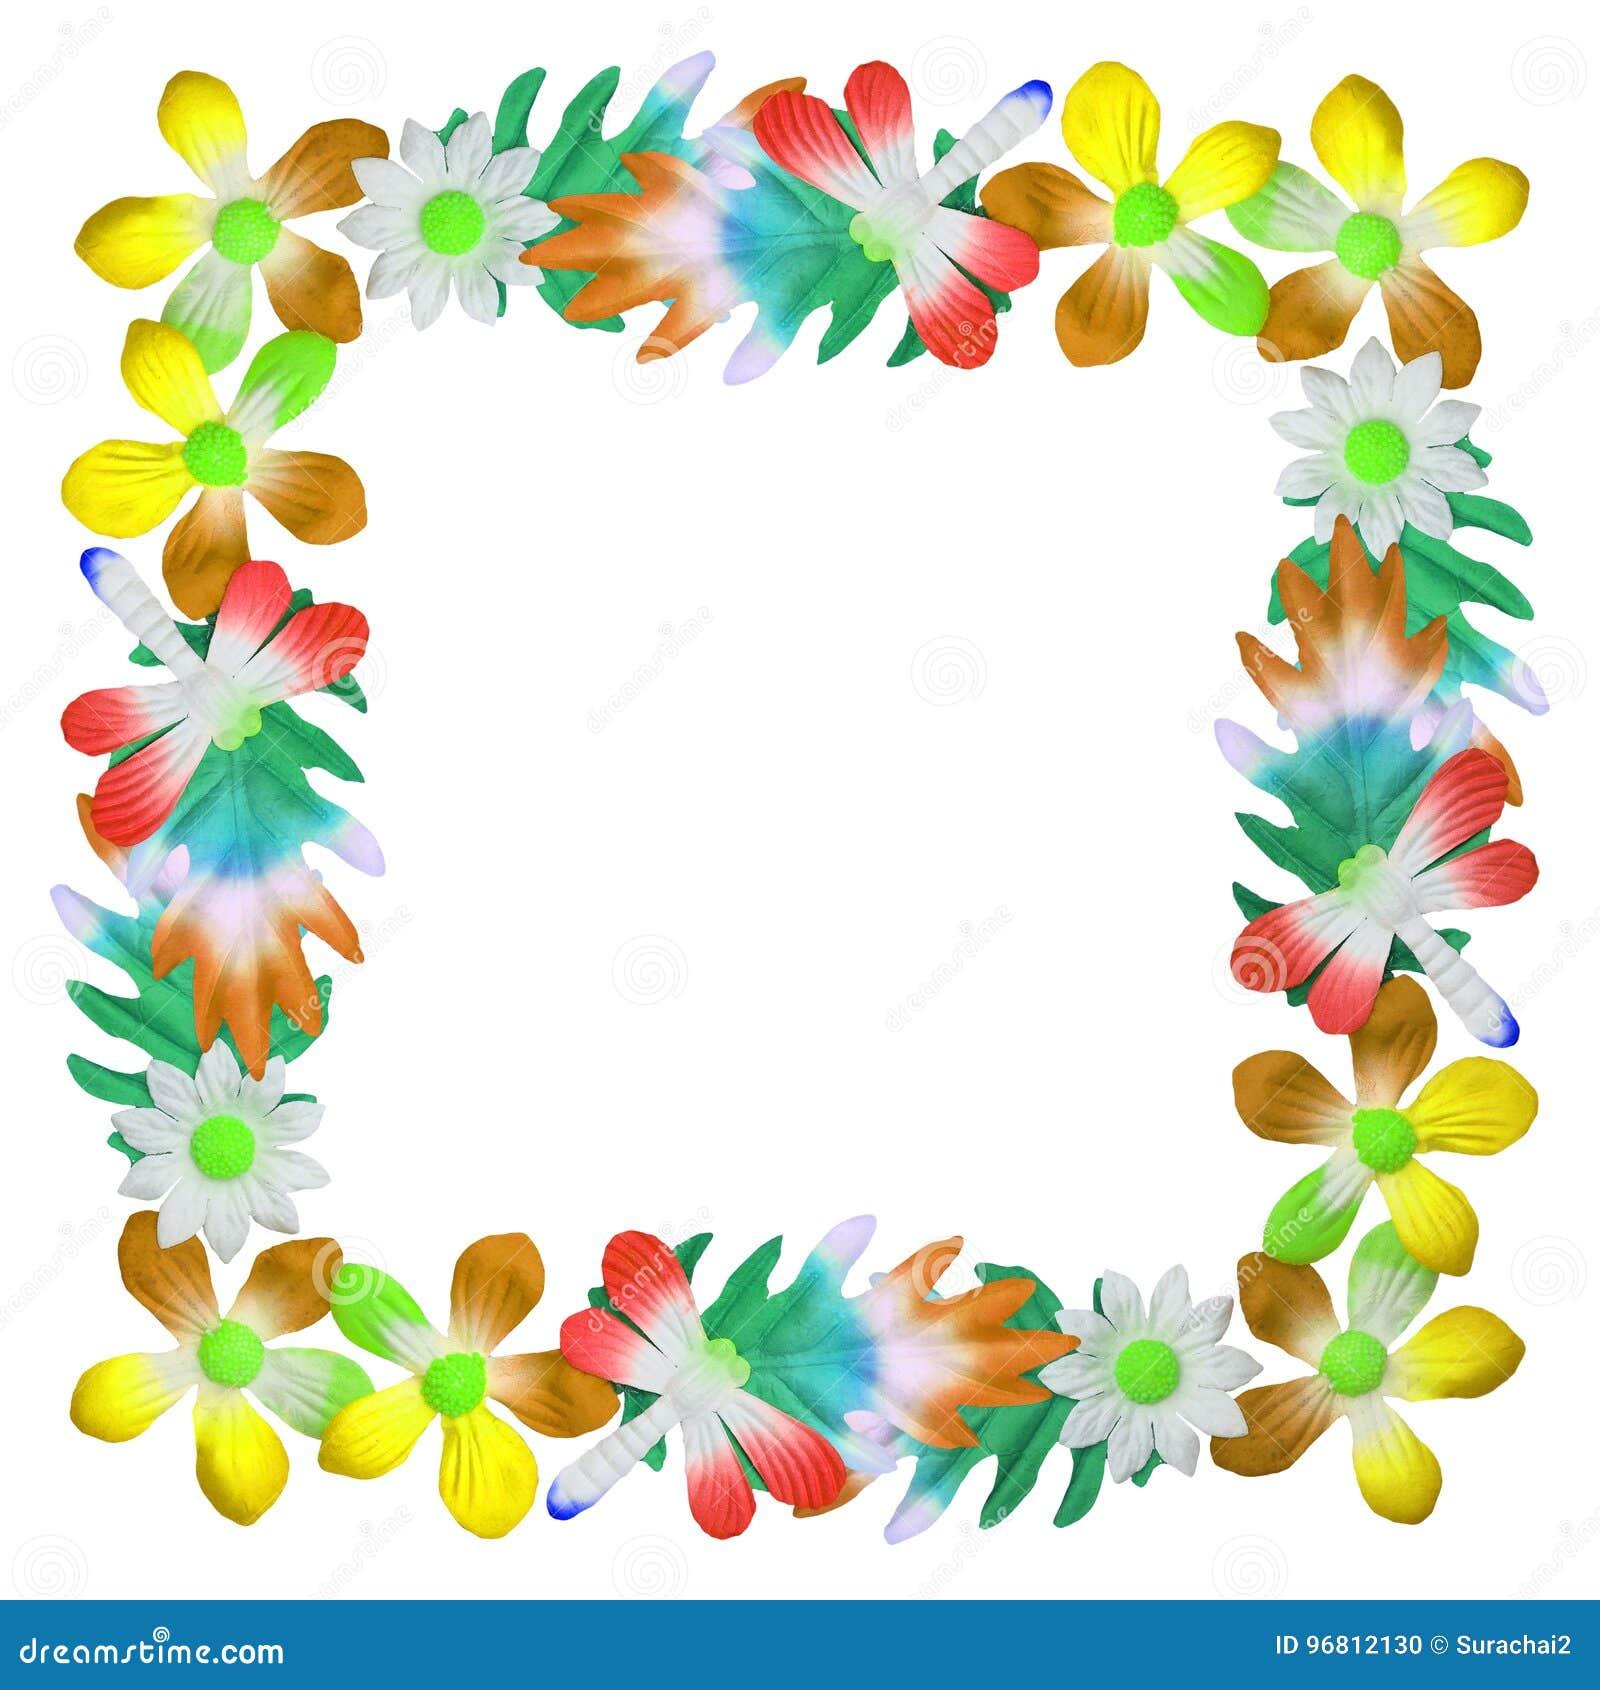 花用于装饰的由五颜六色的纸制成